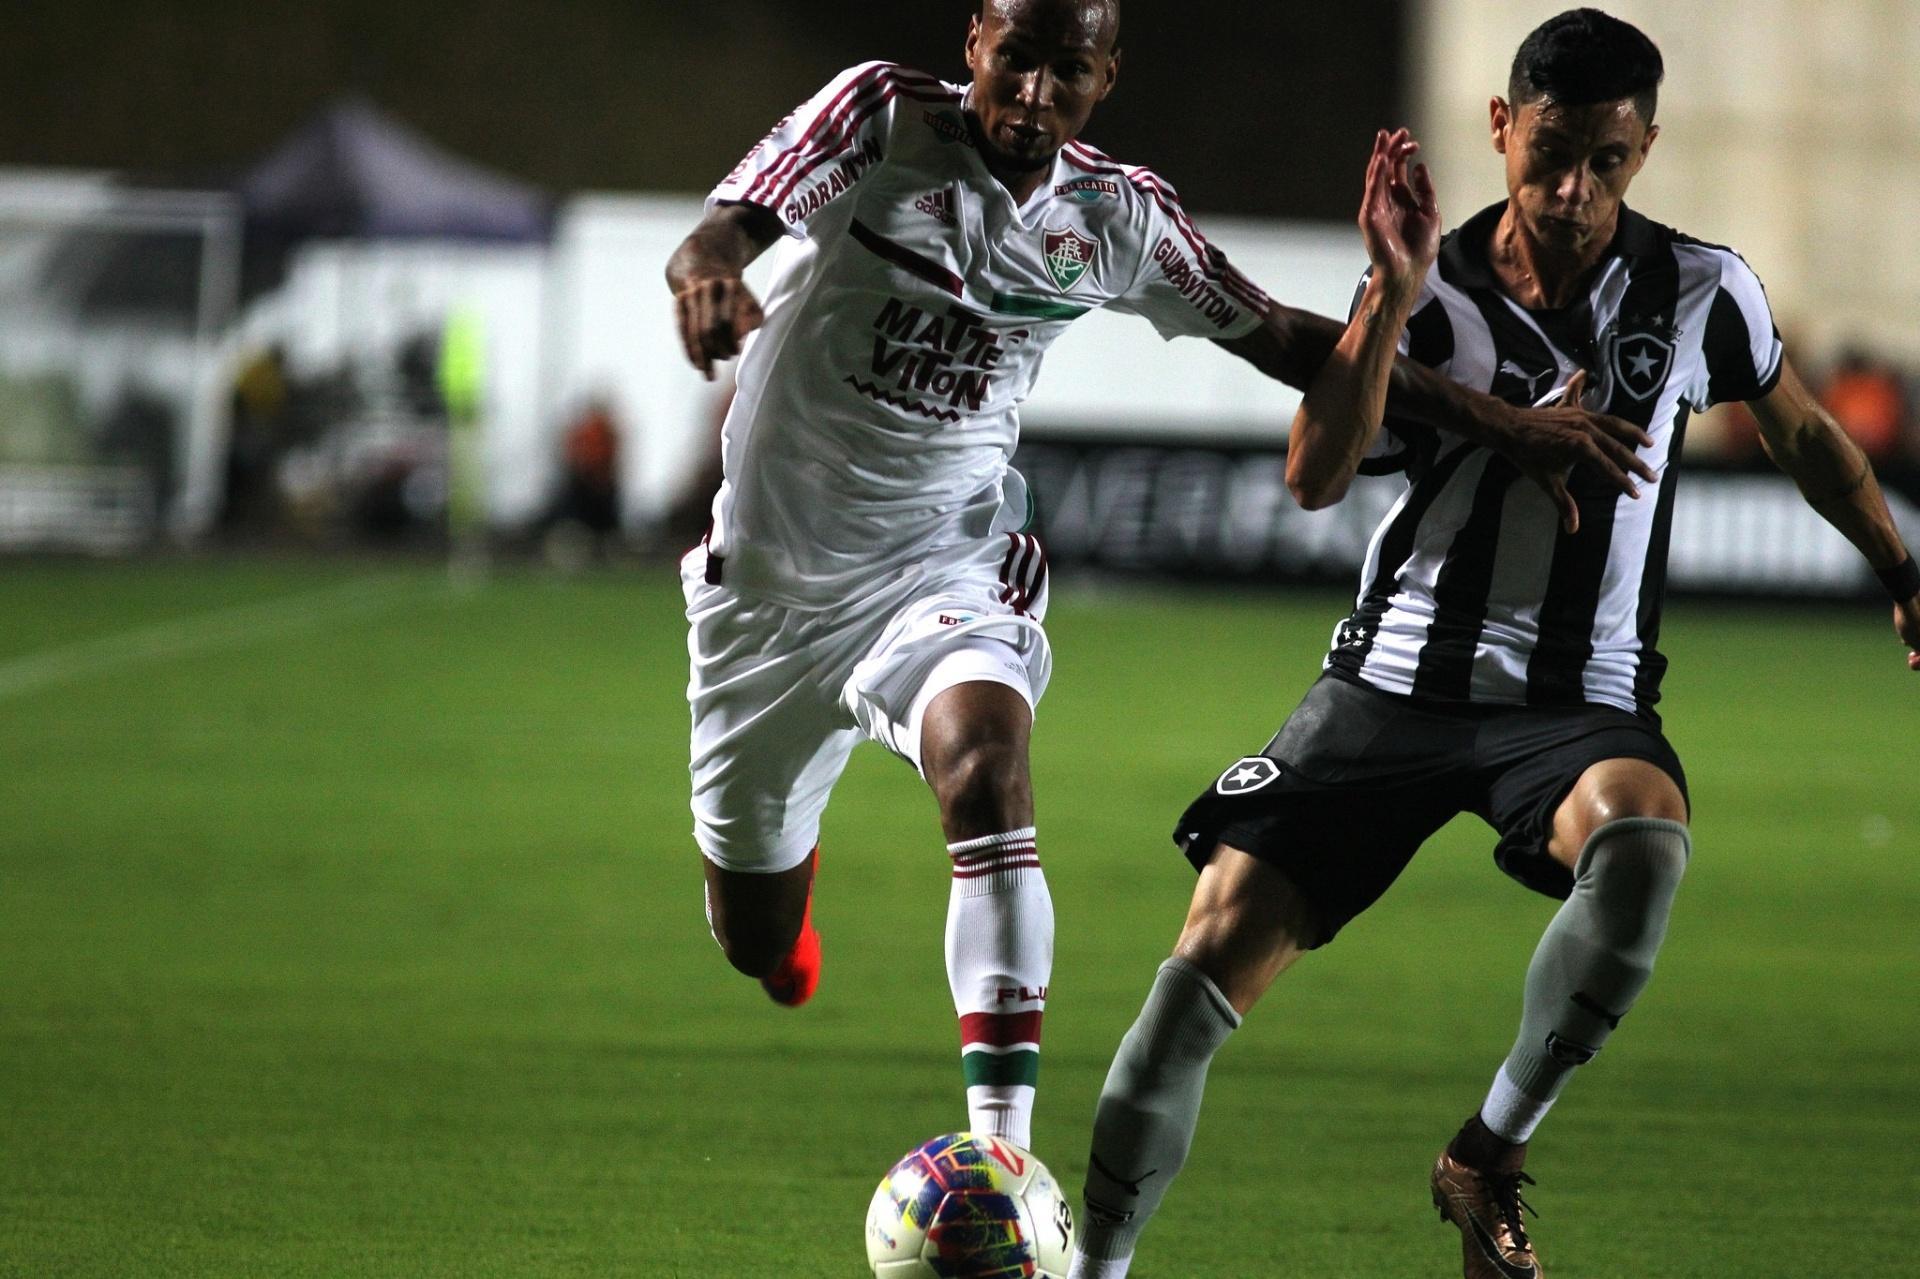 586400e8ad Fluminense e Botafogo jogarão semi do Carioca em Volta Redonda - 19 04 2016  - UOL Esporte